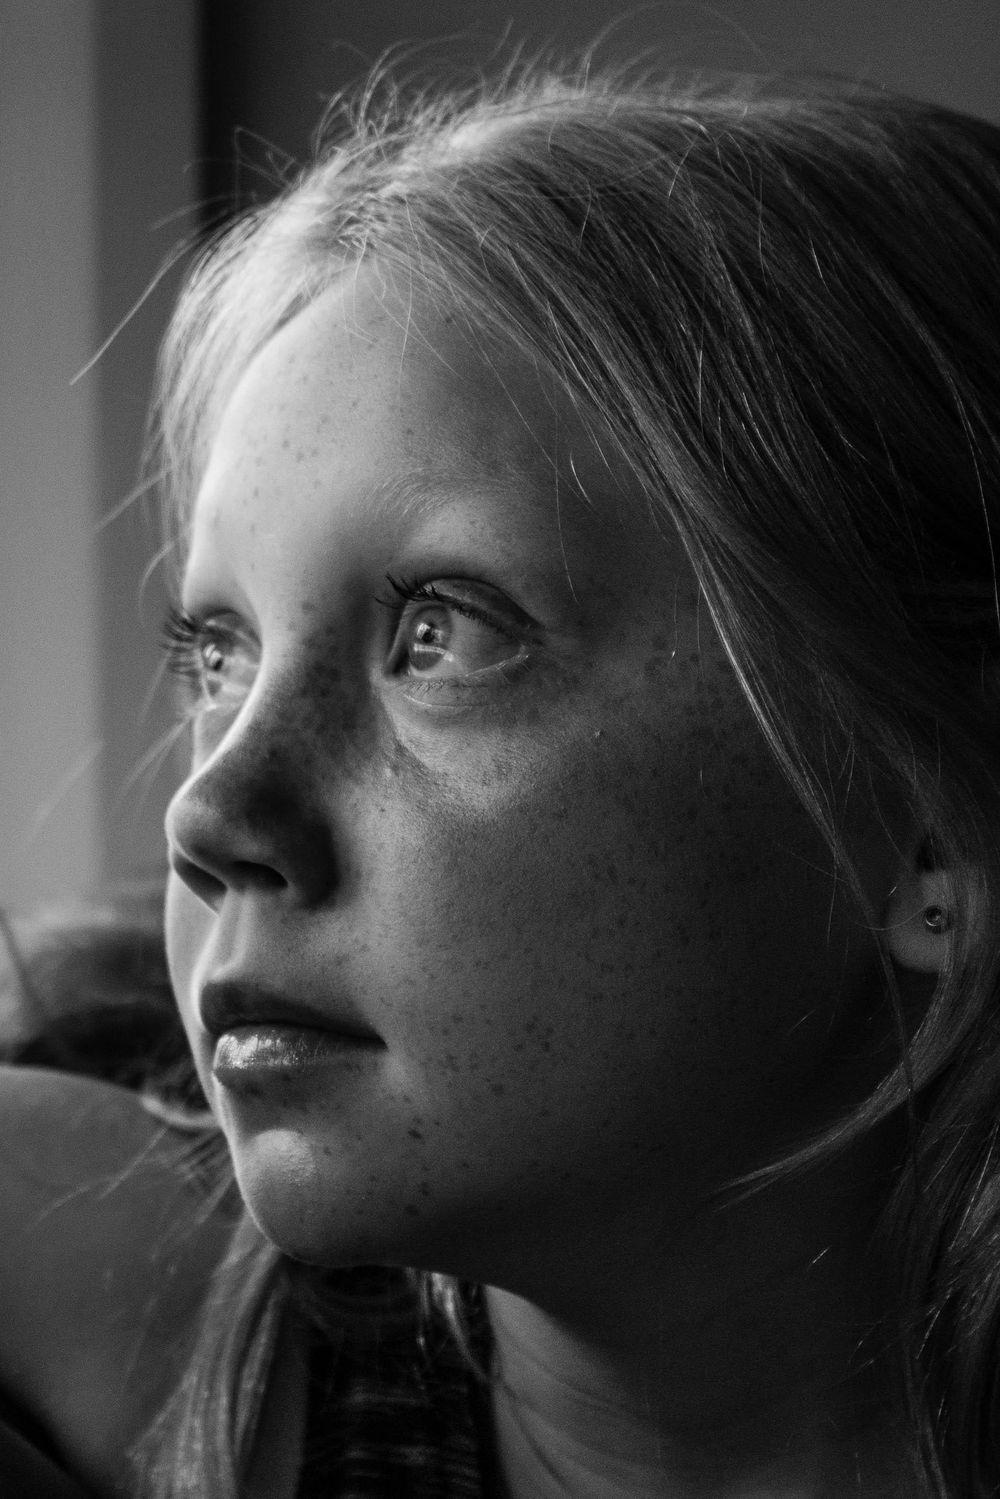 Workshop Project, Portrait - image 2 - student project